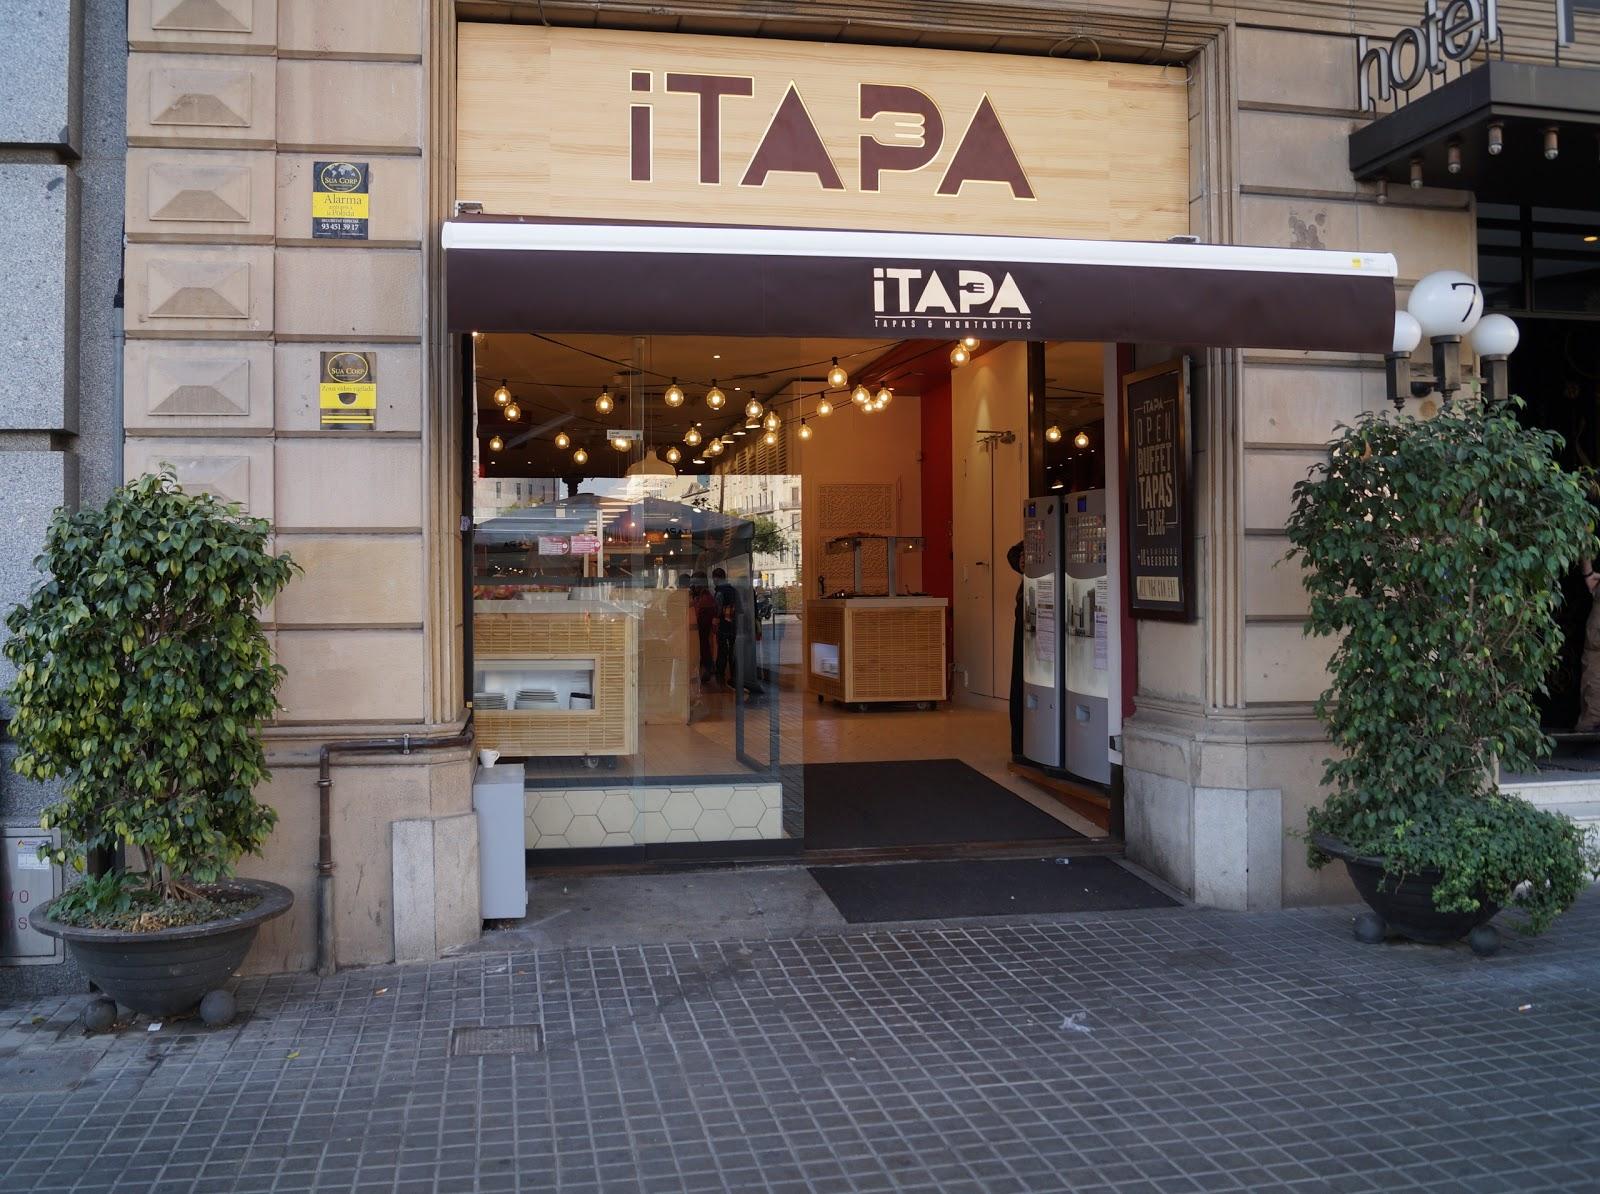 Itapa Catalunya